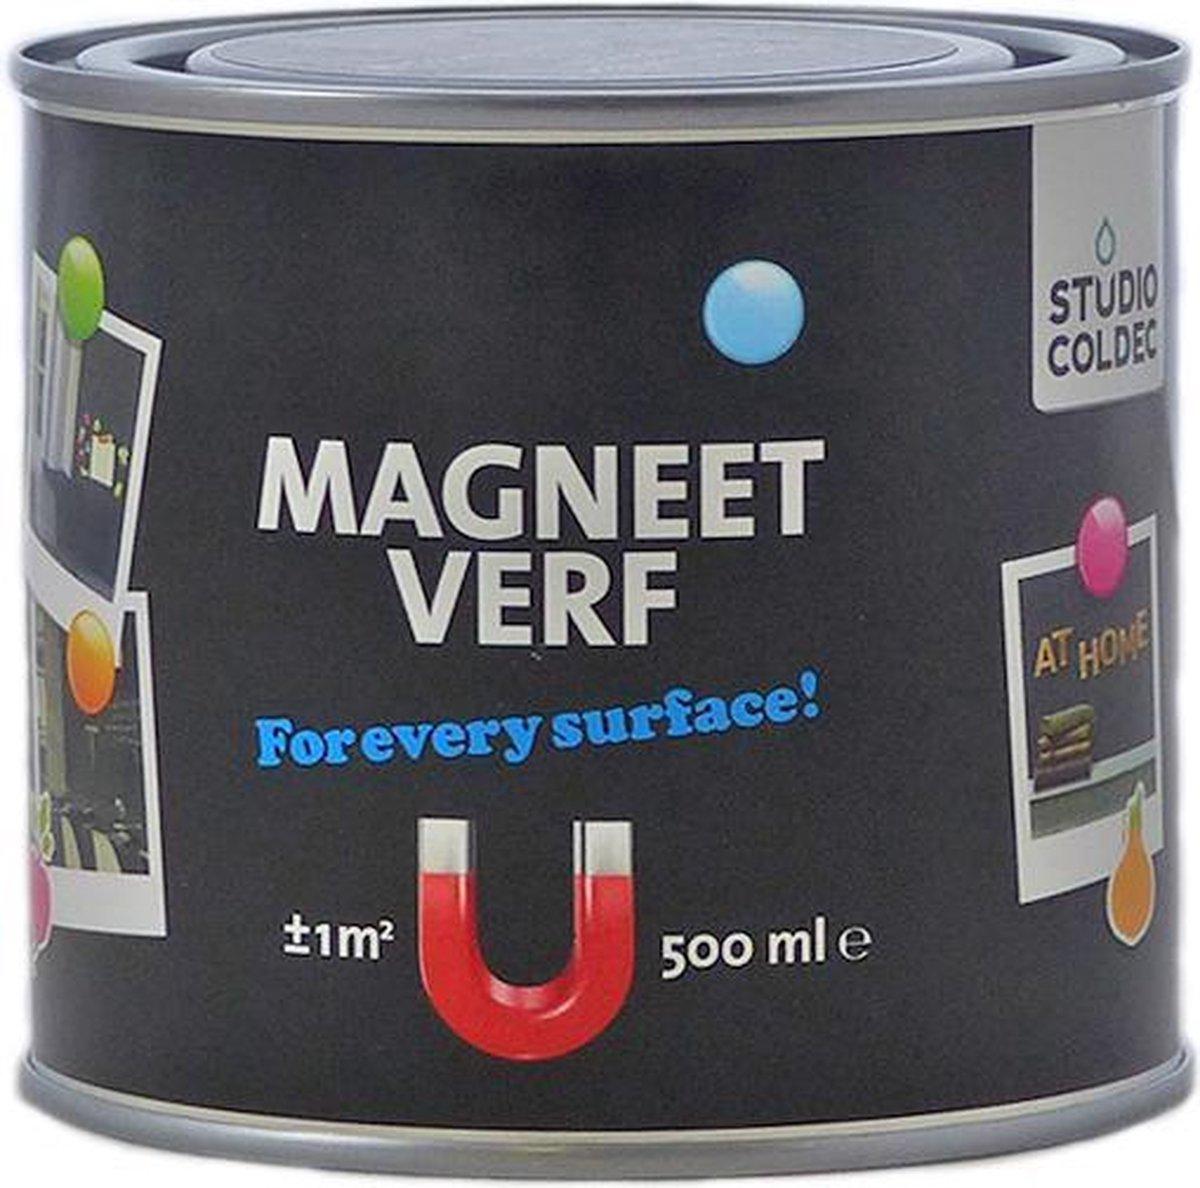 Studio Coldec Magneetverf zwart - 500 ml. - Studio Coldec